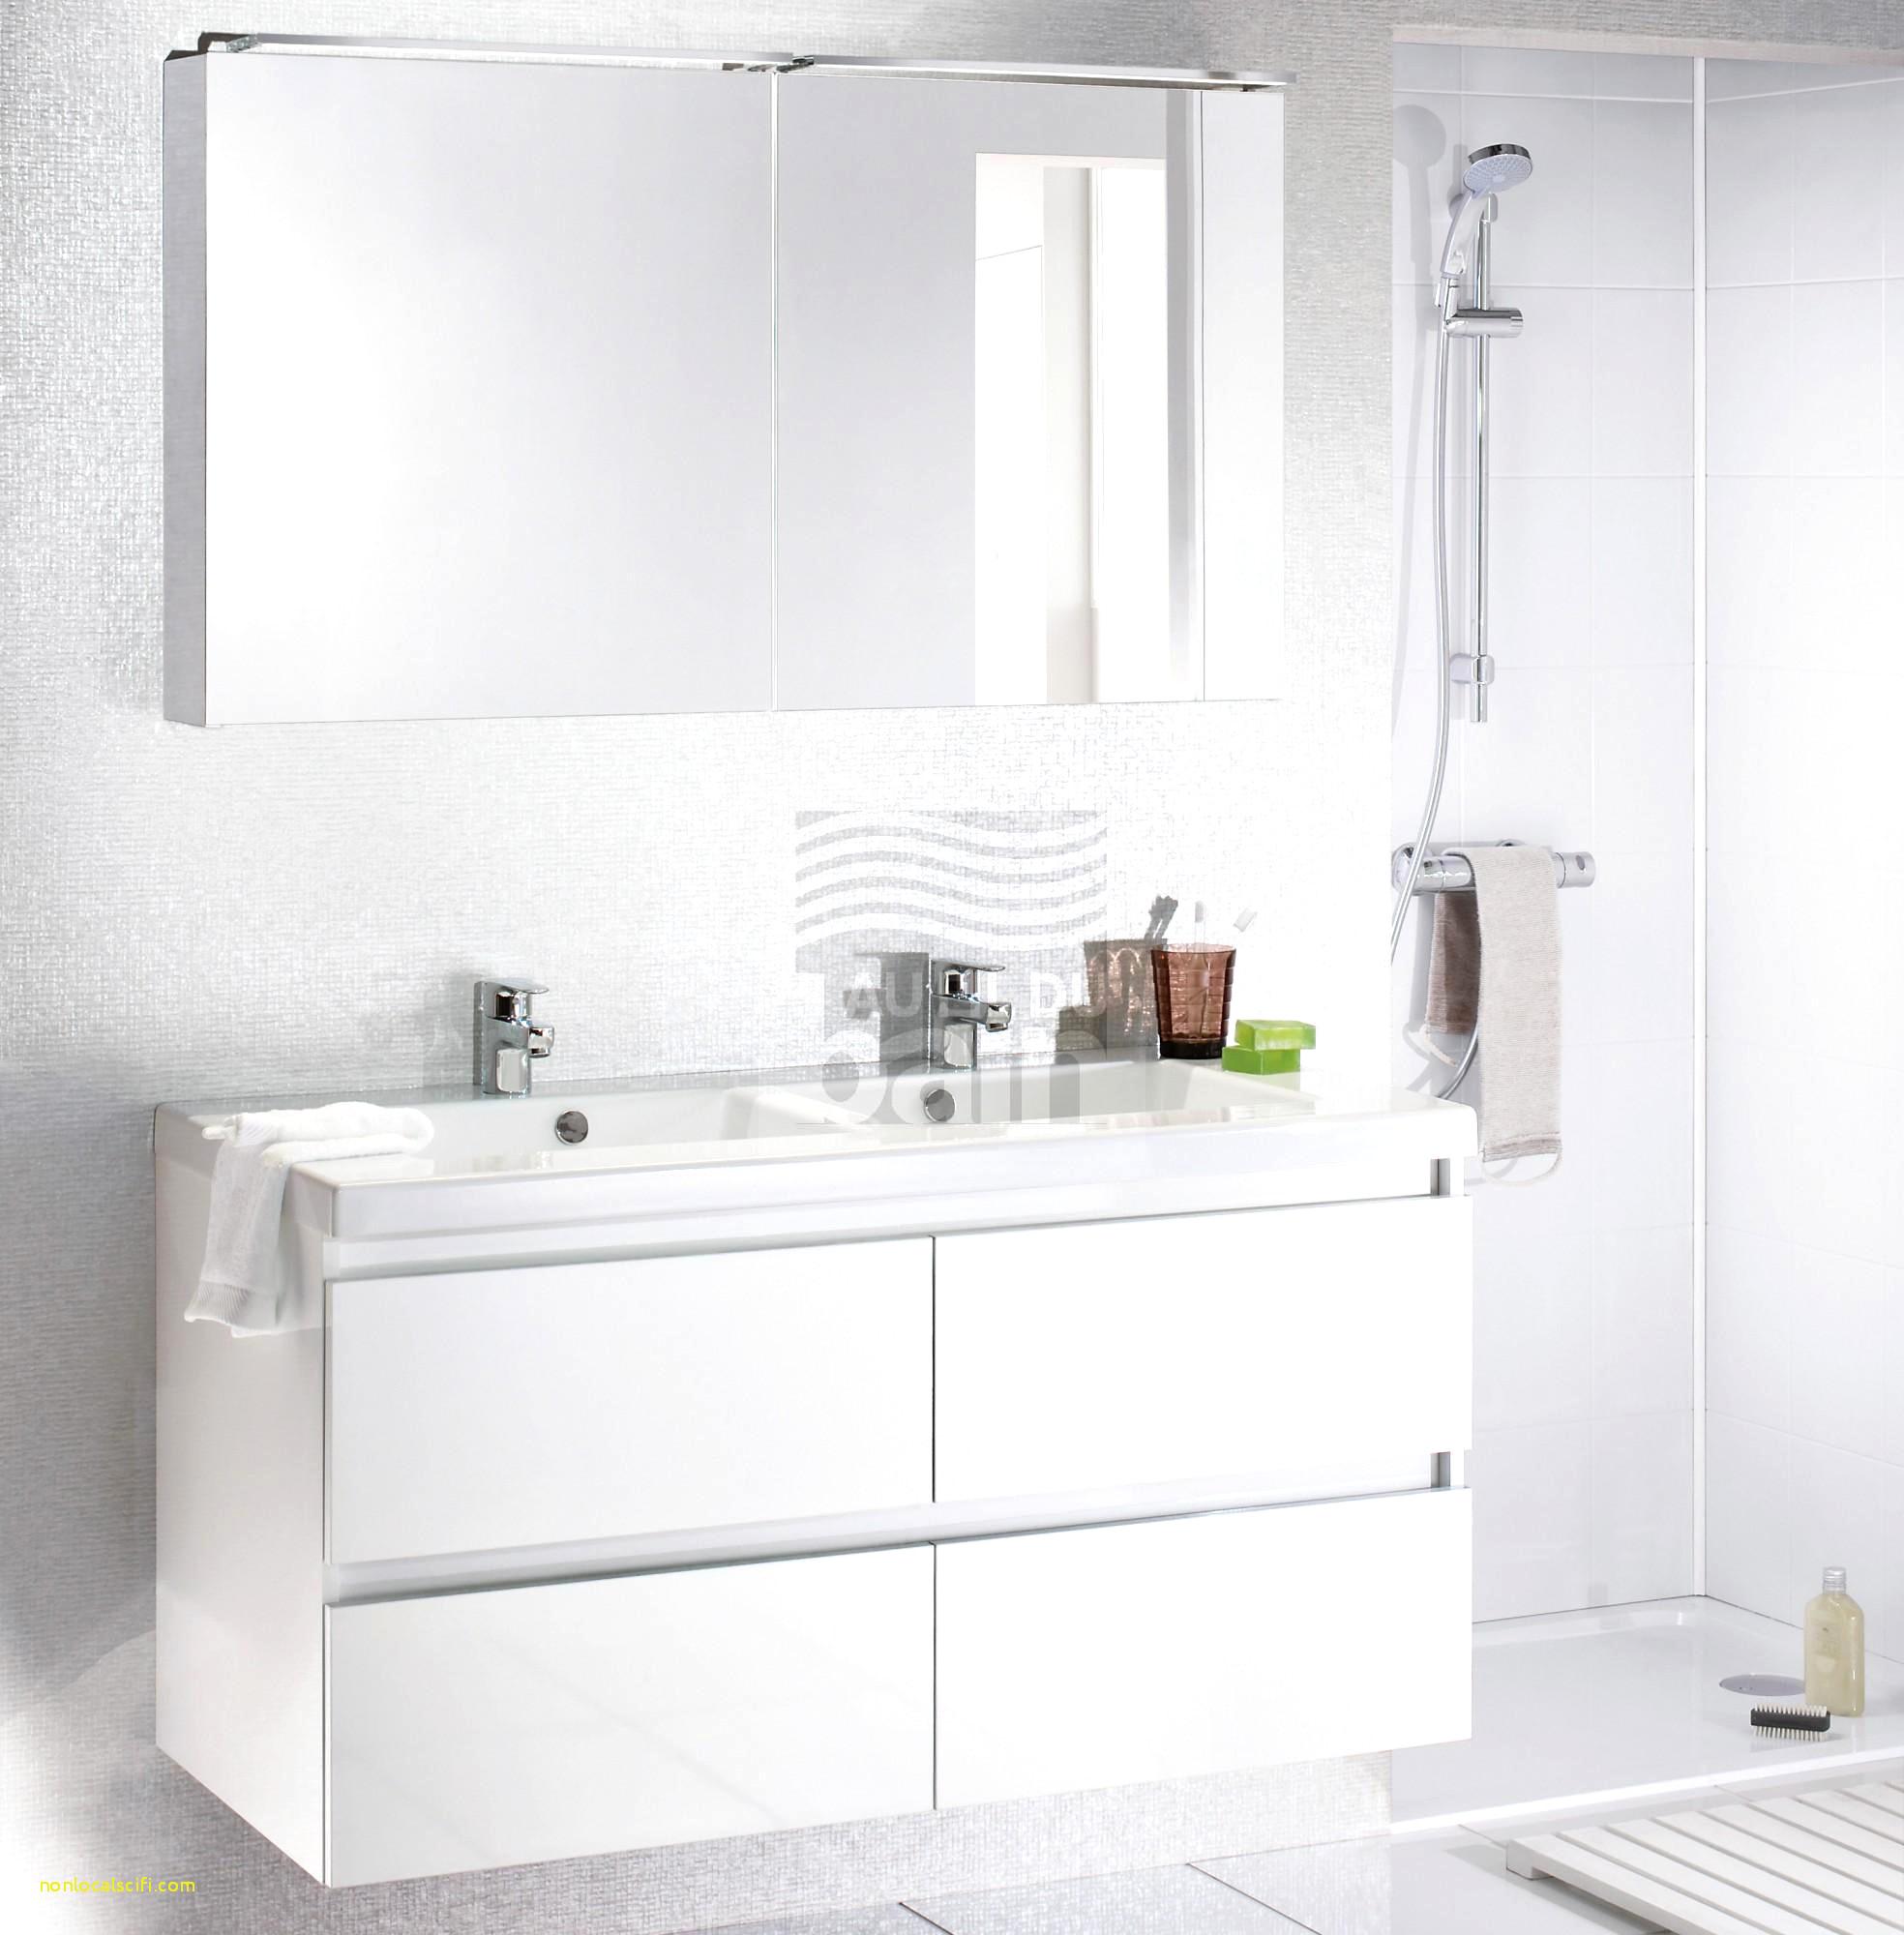 Petite Salle De Bain Ikea Inspirant Photos Résultat Supérieur 99 Frais 2 Vasques Salle De Bain Graphie